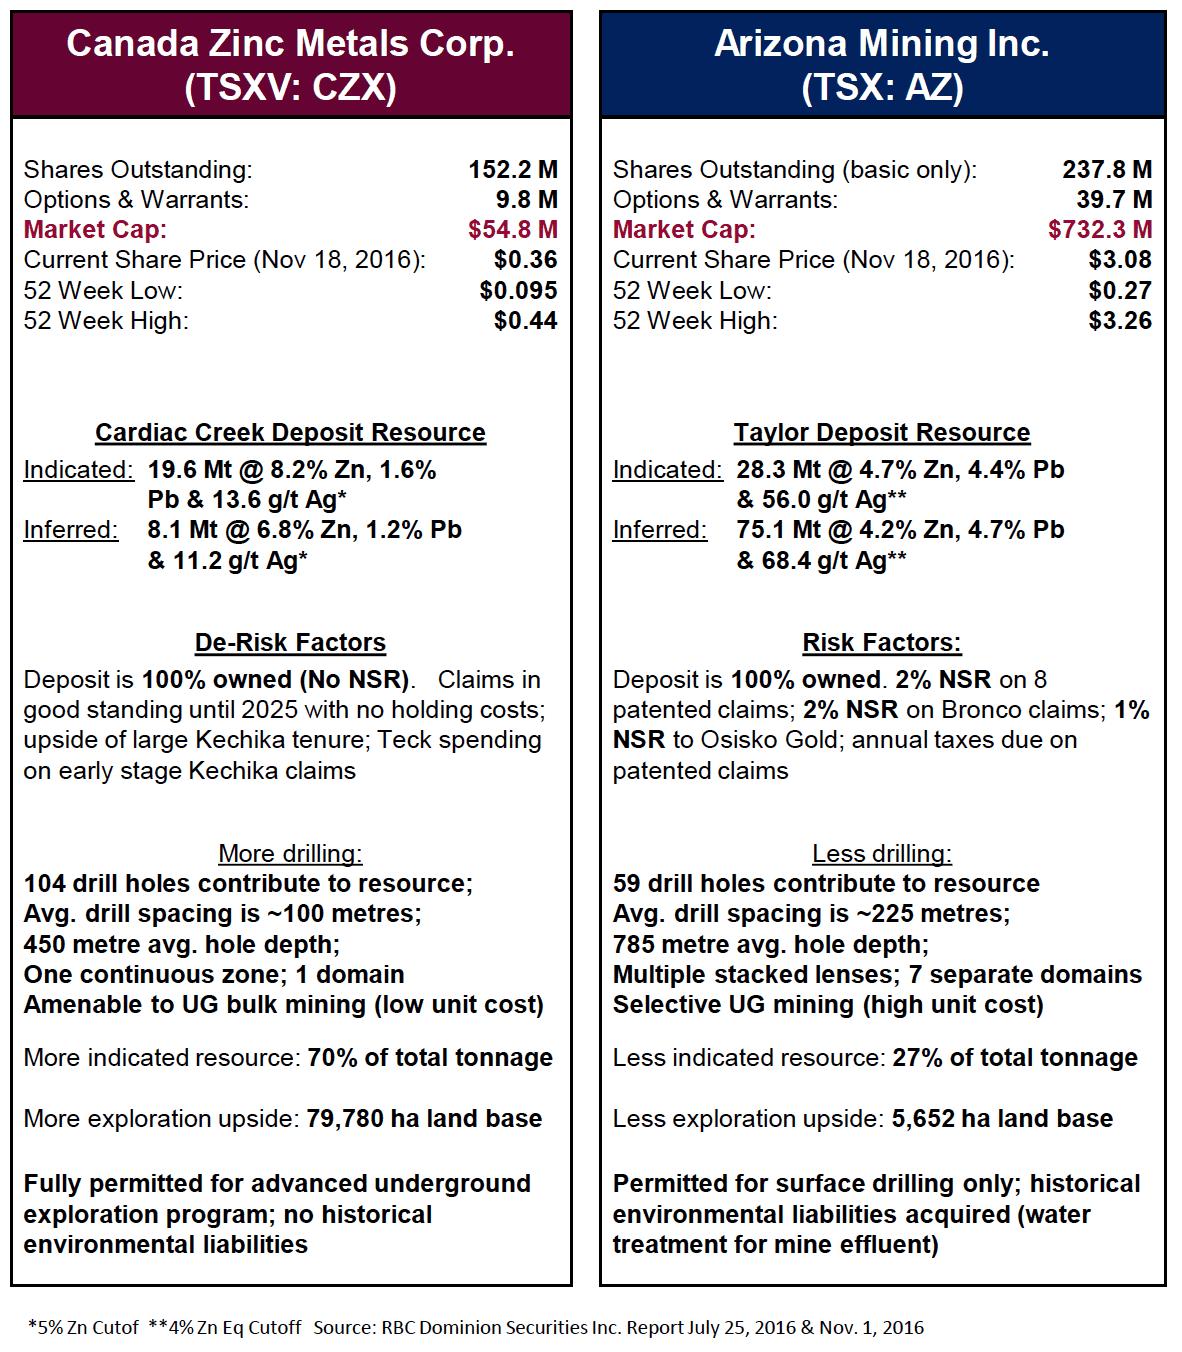 czx-vs-az